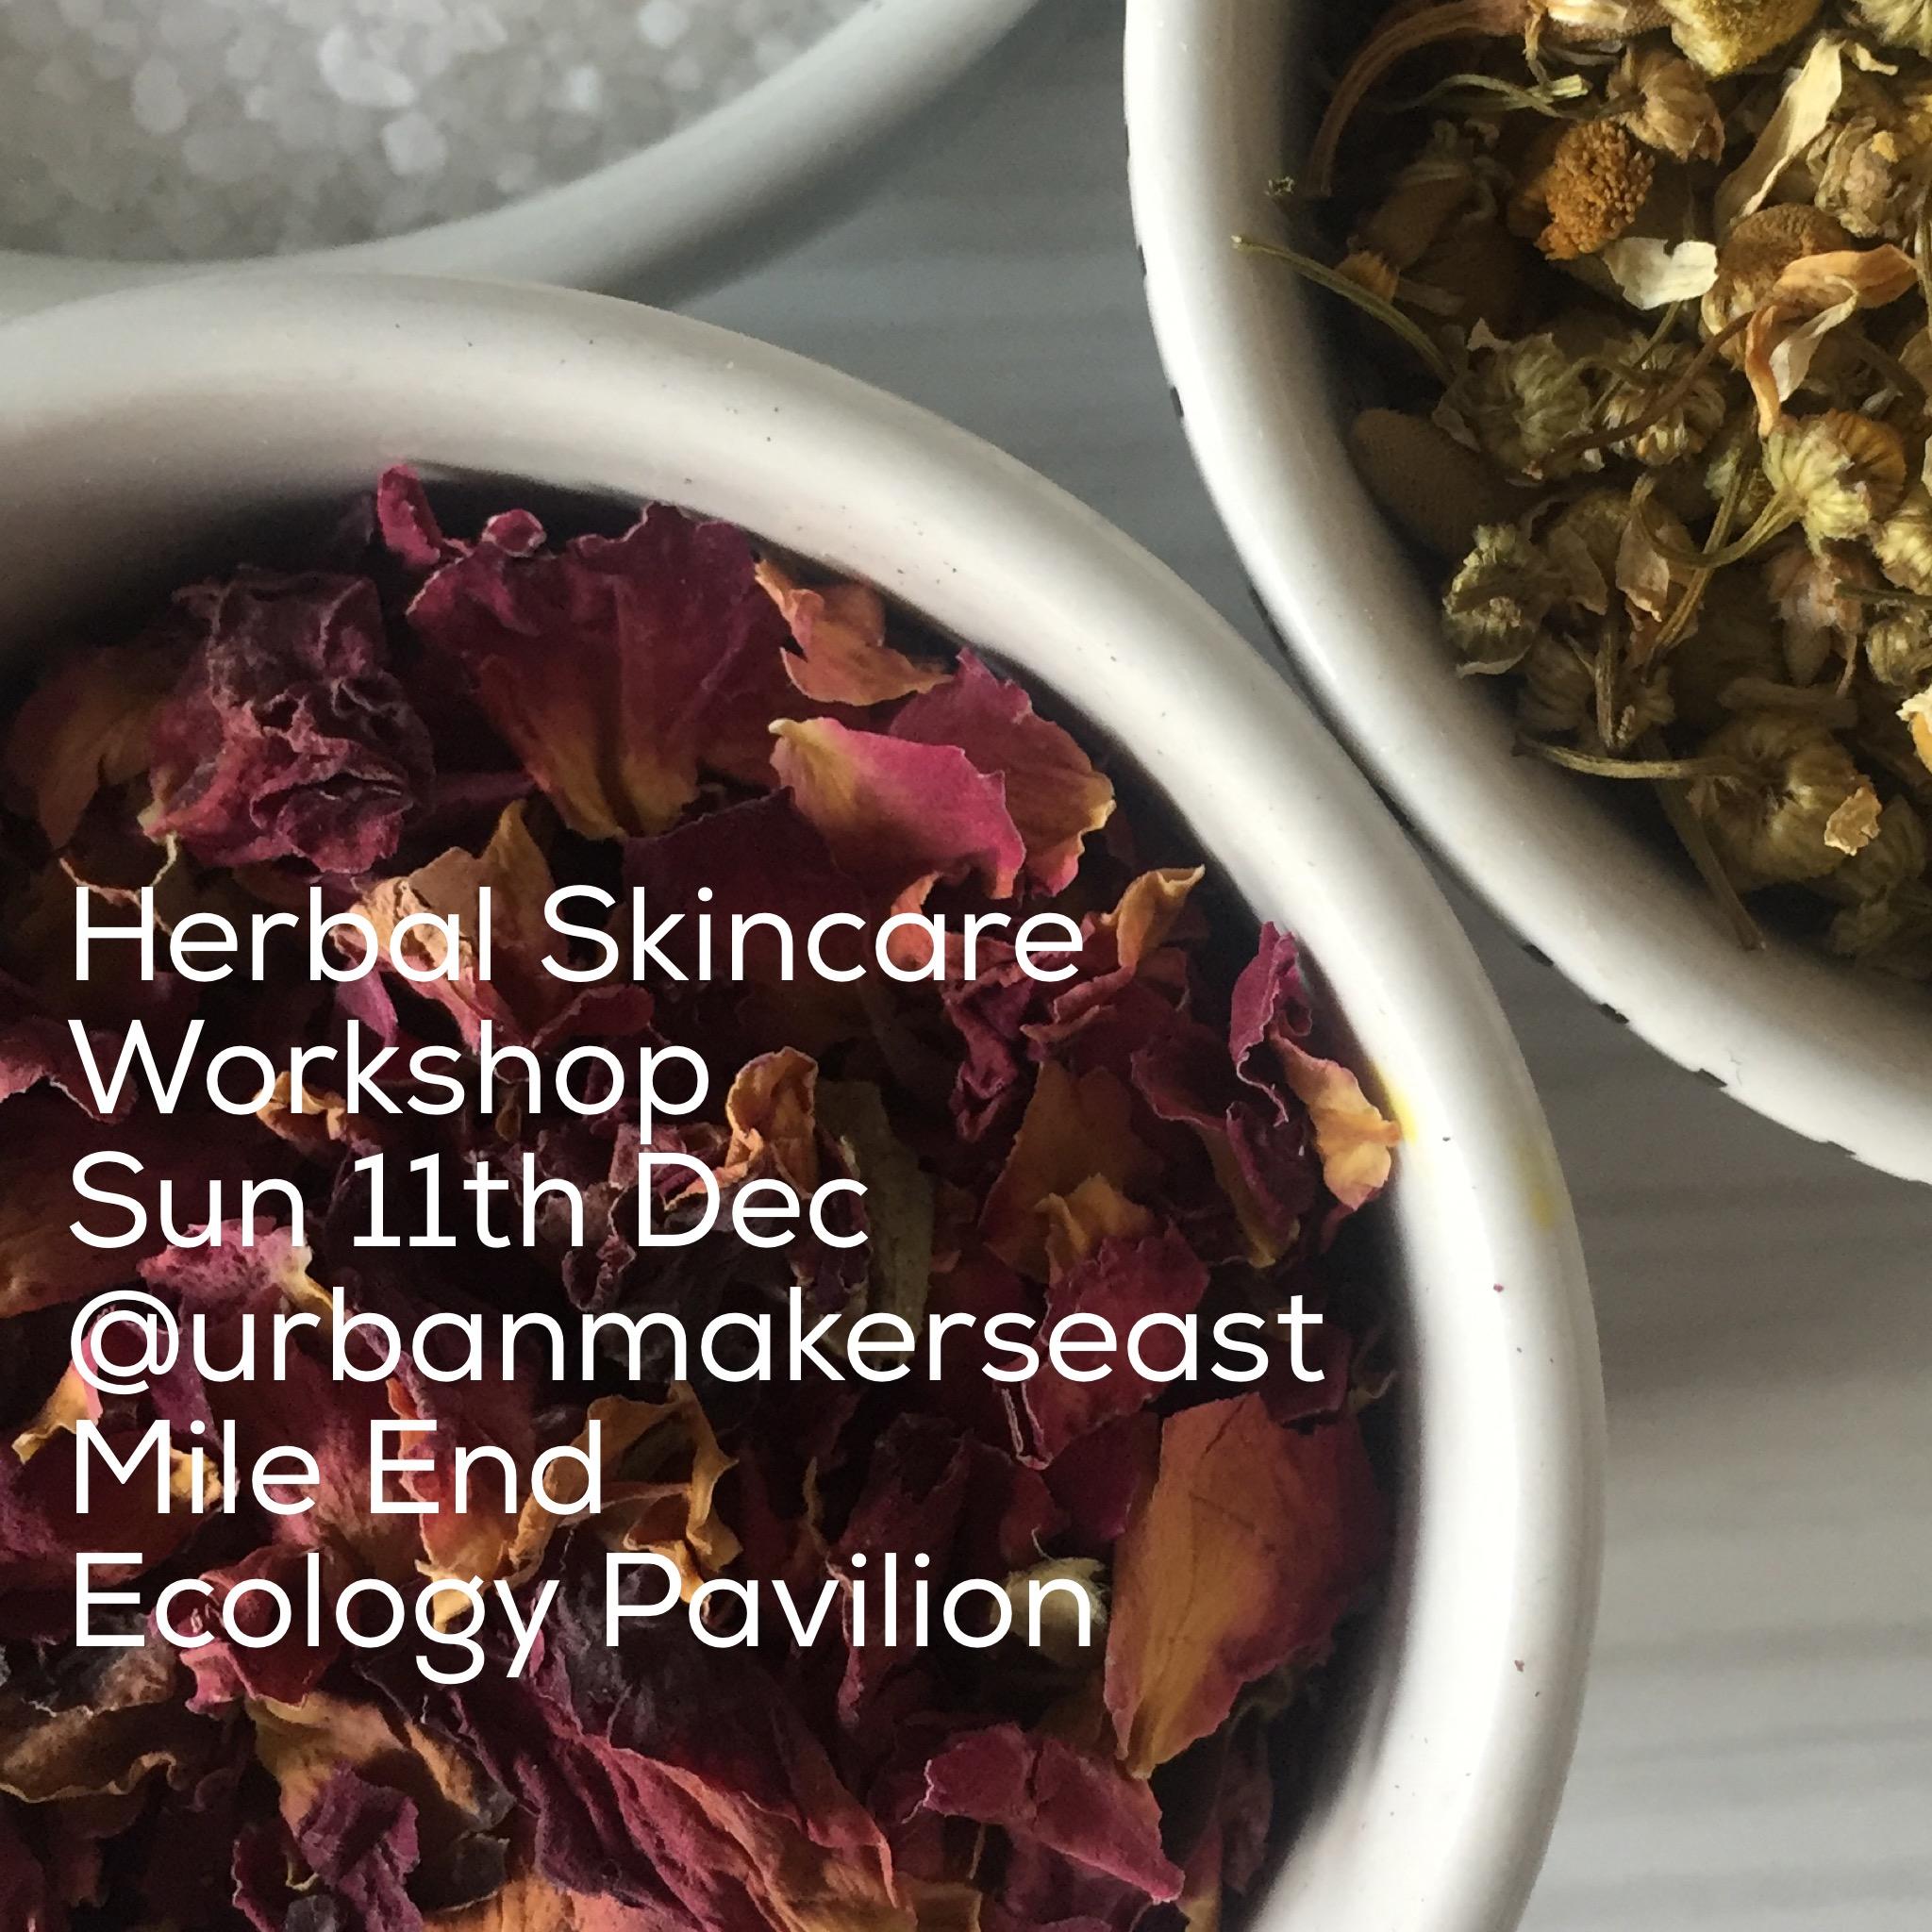 Herbal Skincare Workshop Urbanmakers East